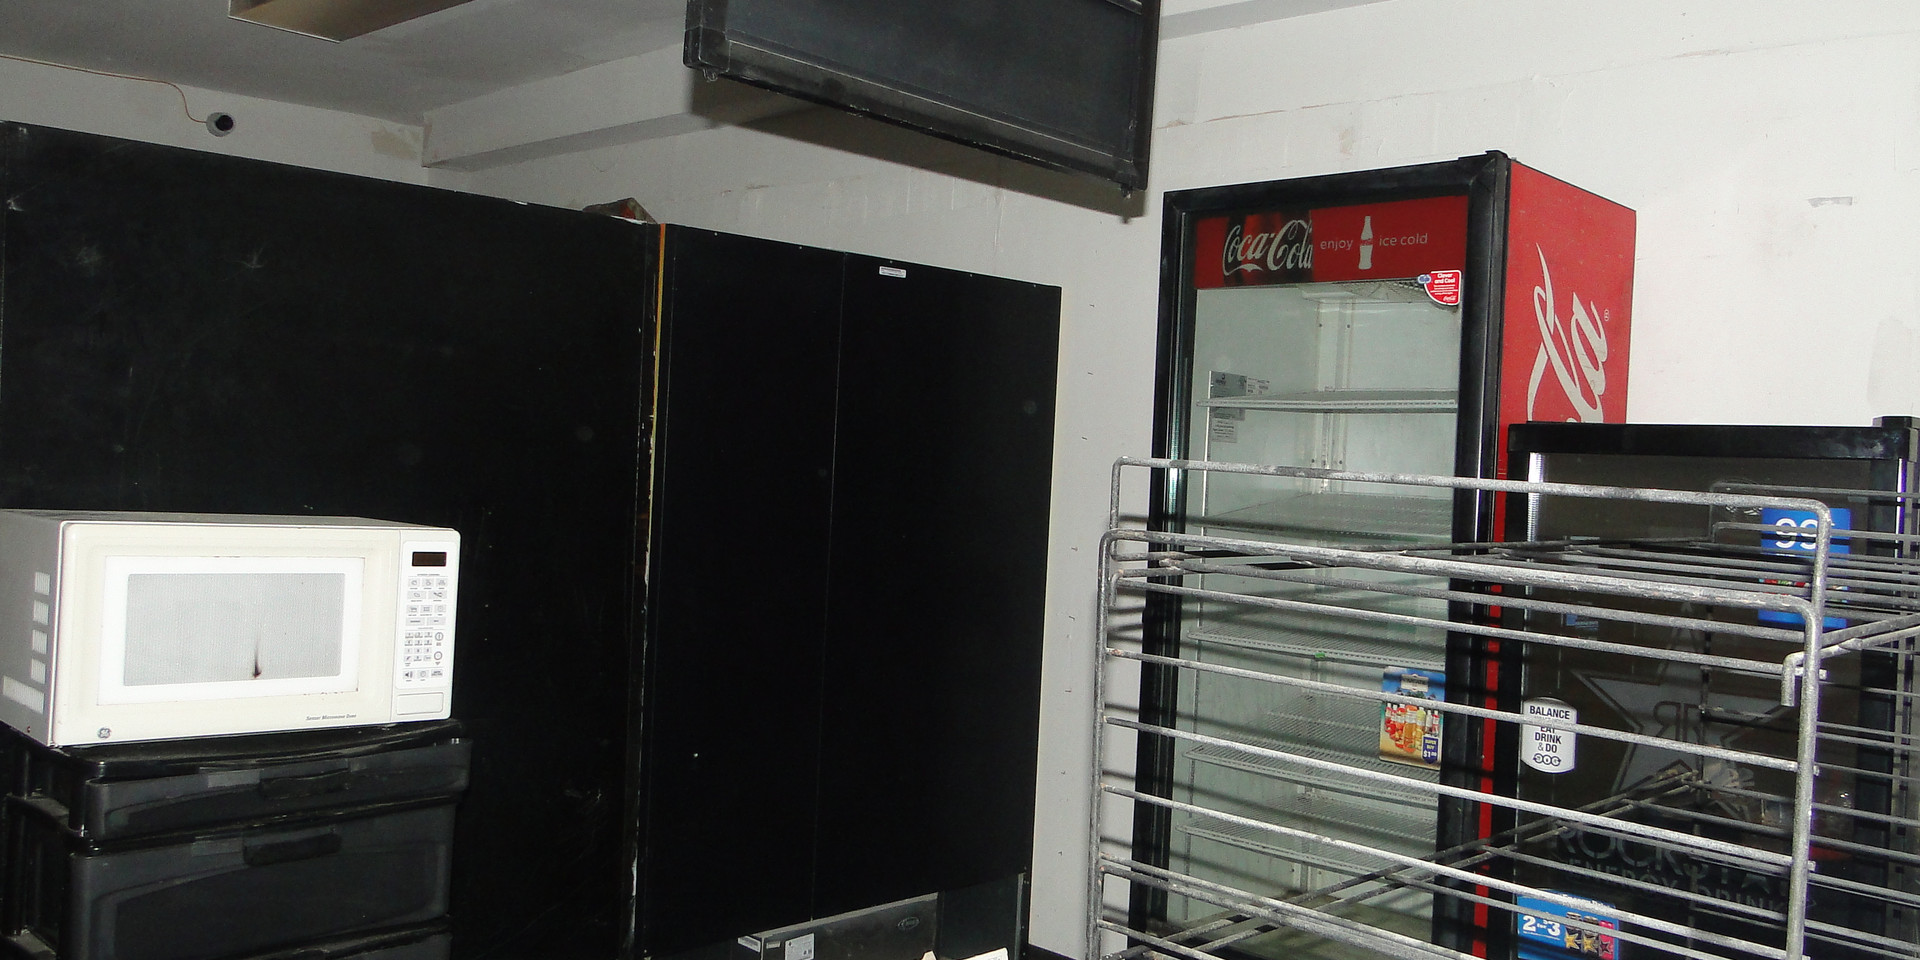 04 - Store.JPG